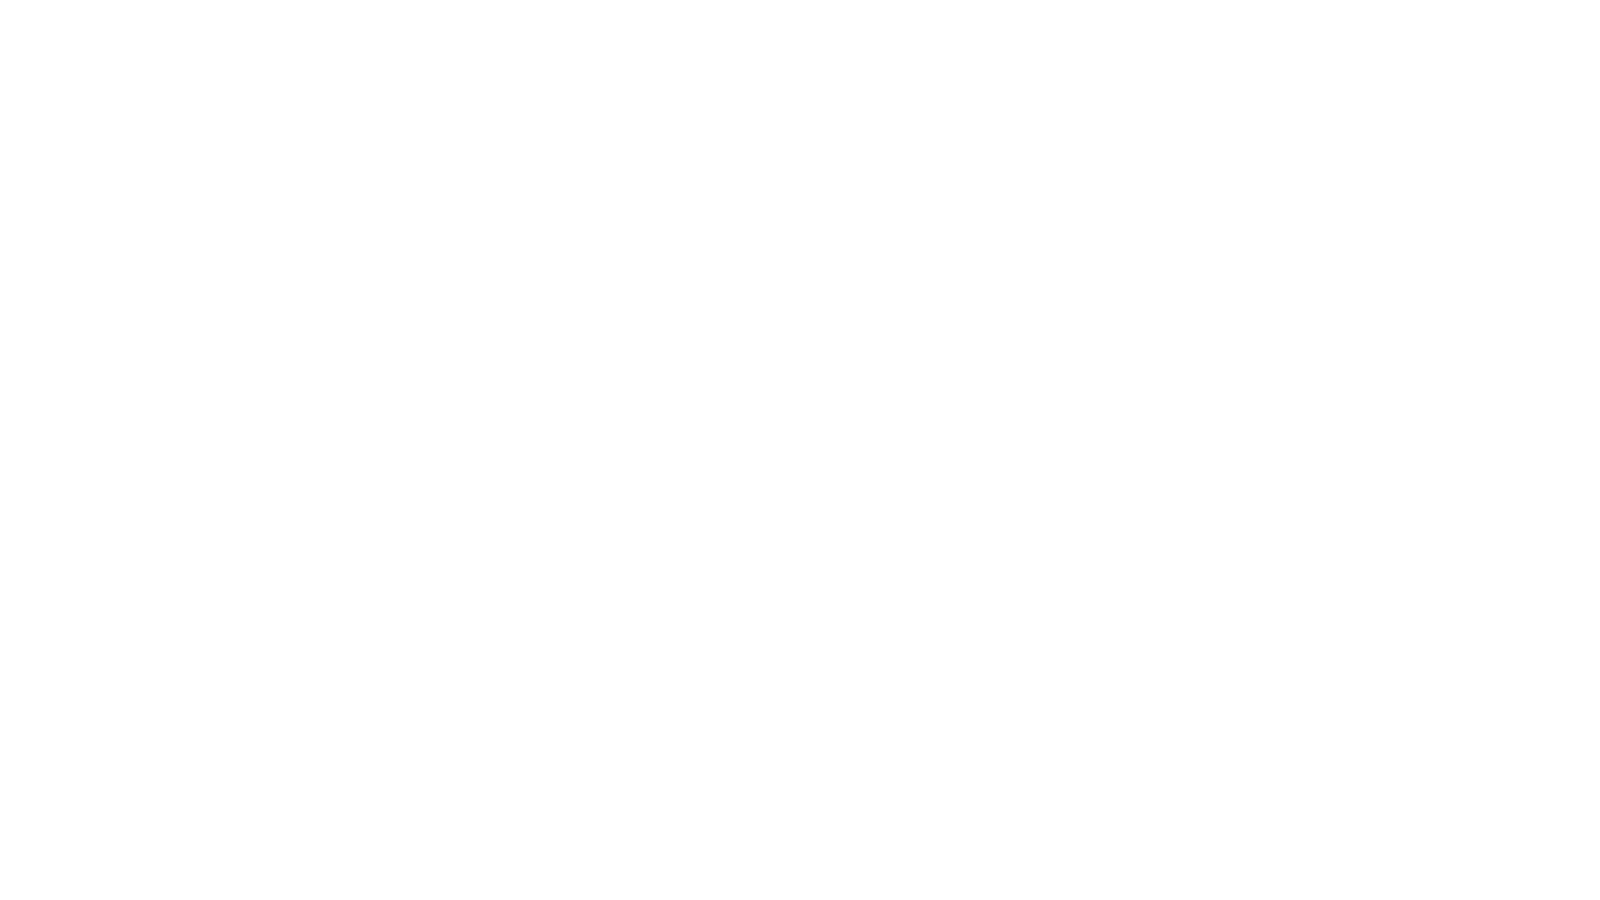 Fieras, a todos aquellos que tengáis como objetivo quemar grasa, os recomiendo realizar 30 repeticiones de este ejercicio en los días de descanso antes de la ducha 🚿  Con tan solo 1 minuto vuestro consumo calórico diario será mayor y para nada perjudicará vuestra recuperación 💪  #shorts